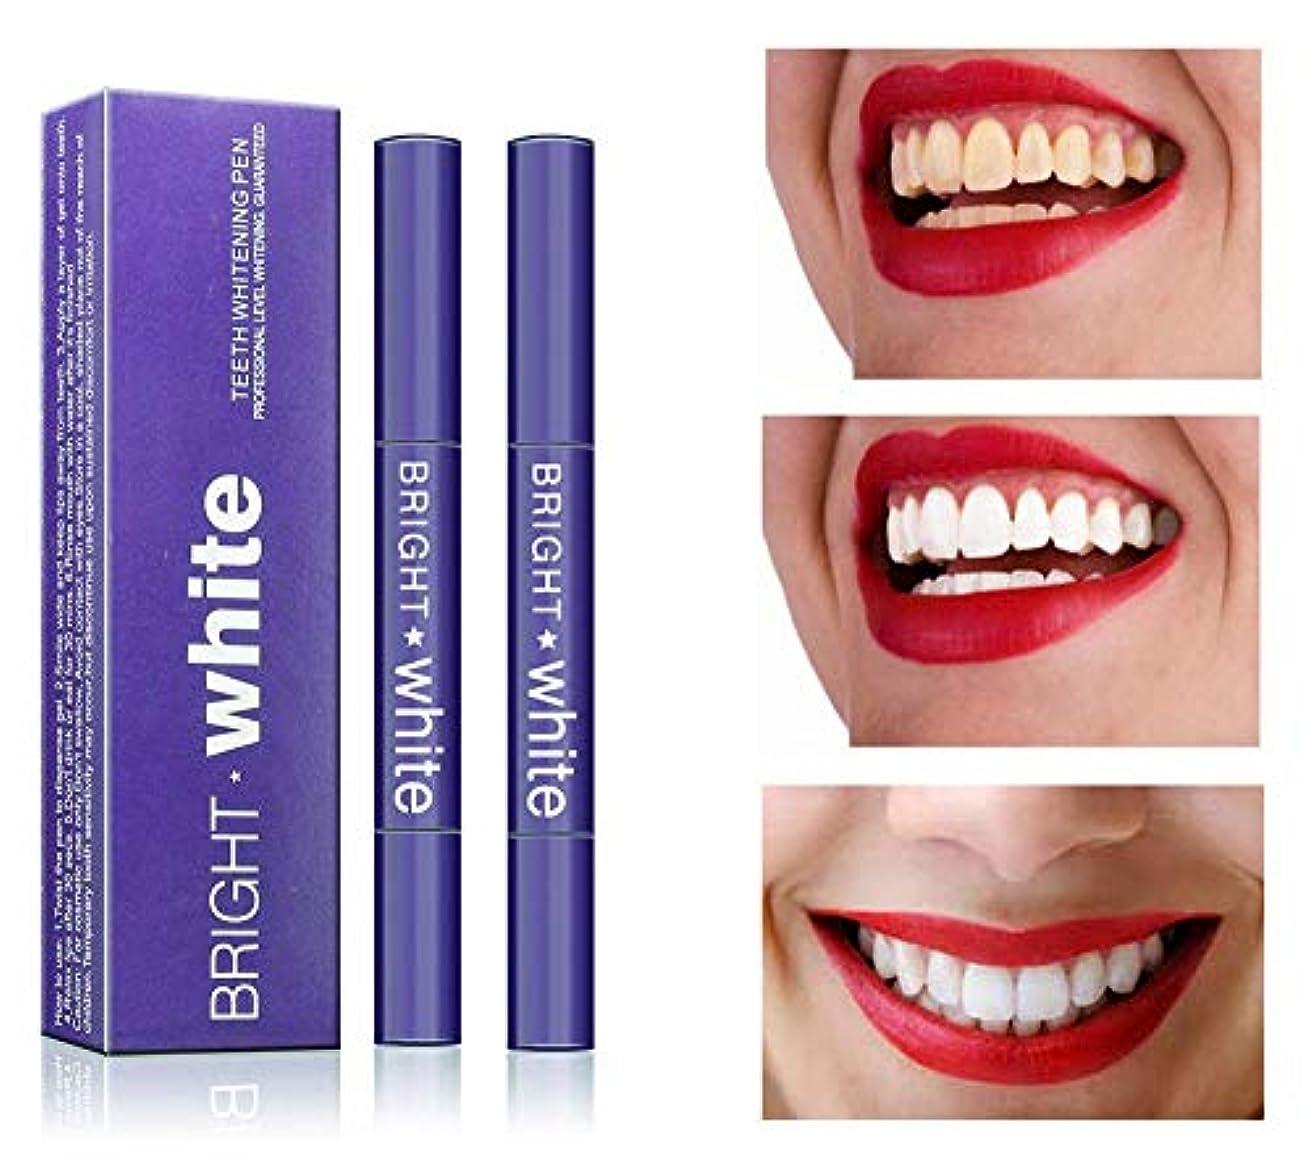 ミスペンド冷蔵する程度Odette 2019 歯のホワイトニング 美白歯ゲル 歯 ホワイトニングペン ホワイトニングペン 歯ブラシ 輝く笑顔 口臭防止 歯周病防止 (#02)